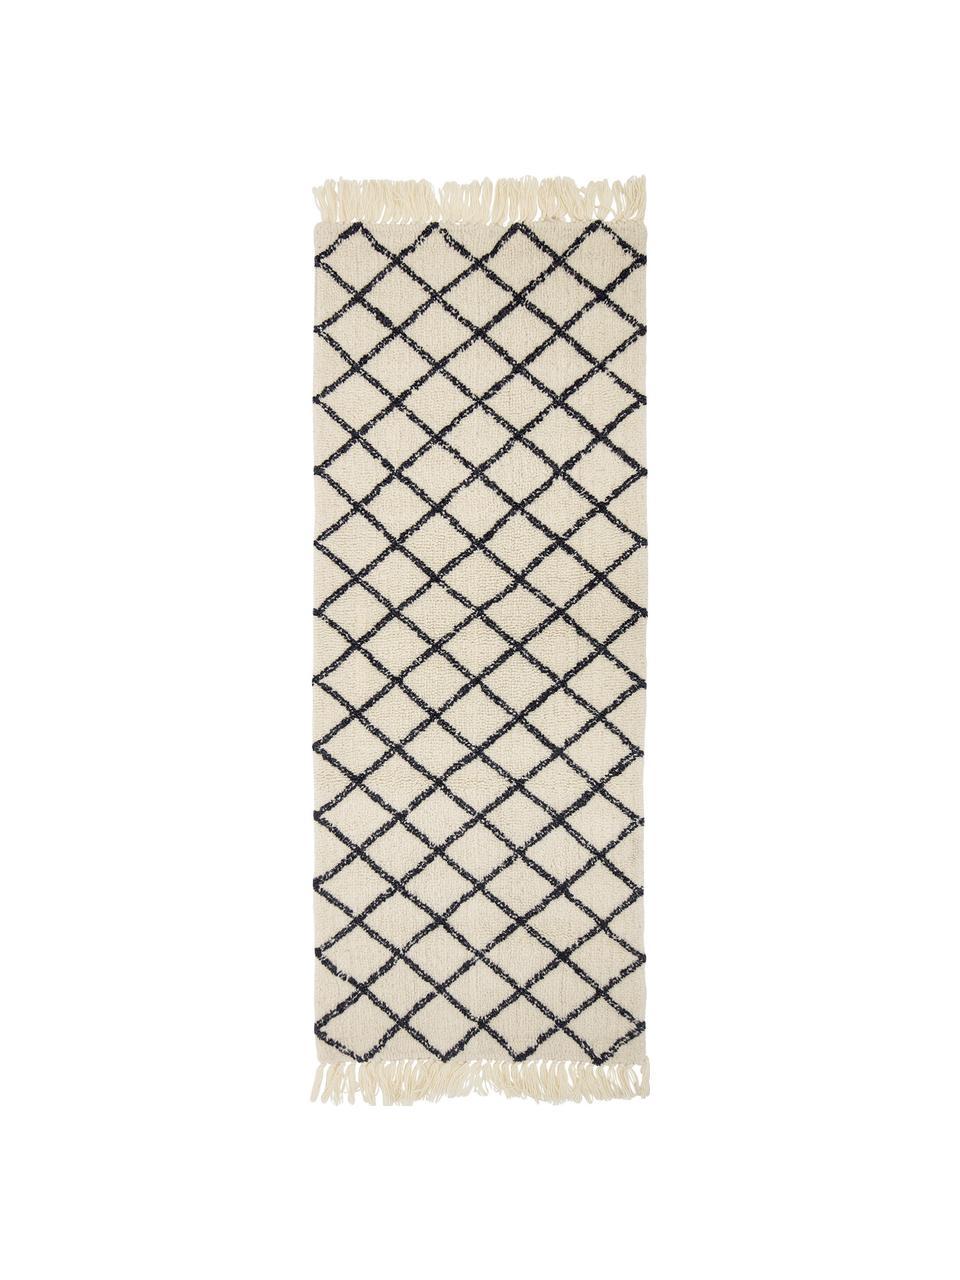 Passatoia in lana Alva, 70% lana, 30% cotone Nel caso dei tappeti di lana, le fibre possono staccarsi nelle prime settimane di utilizzo, questo e la formazione di lanugine si riducono con l'uso quotidiano, Crema, antracite, Larg. 70 x Lung. 200 cm